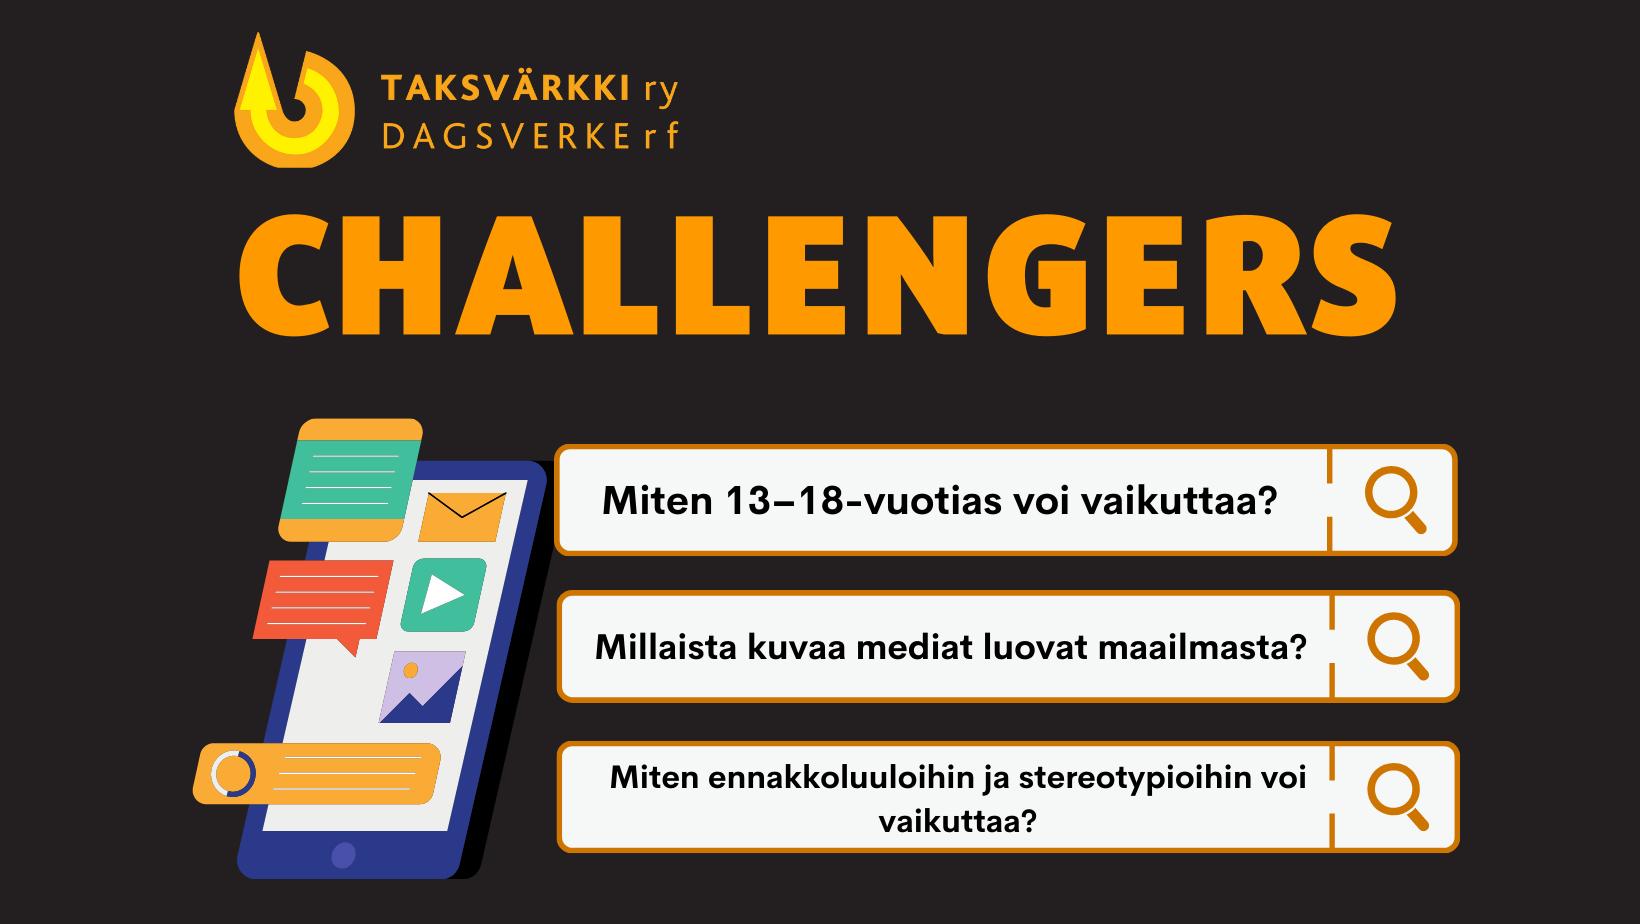 Mustalla pohjalla Taksvärkin logo, piirroskuva älypuhelimesta ja tekstit Challengers, Miten 13–18-vuotias voi vaikuttaa? Millaista kuvaa mediat luovat maailmasta? Miten ennakkoluuloihin ja stereotypioihin voi vaikuttaa?